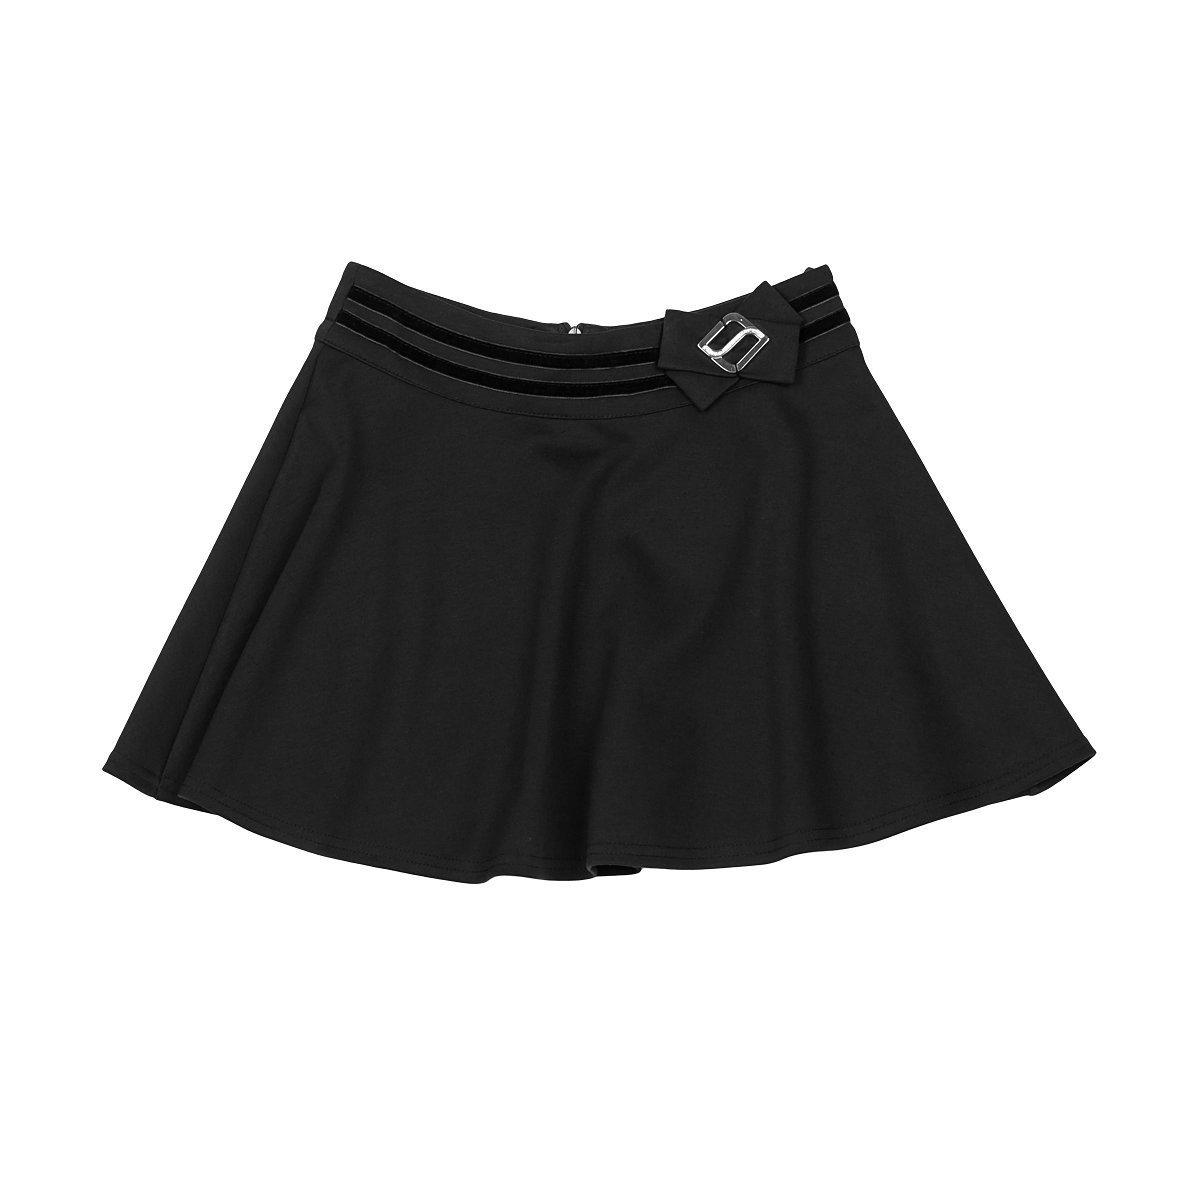 Купить Платья, сарафаны, юбки, Демисезонная трикотажная юбка черного цвета, р. 140 1651-02 ТМ: Mevis, черный